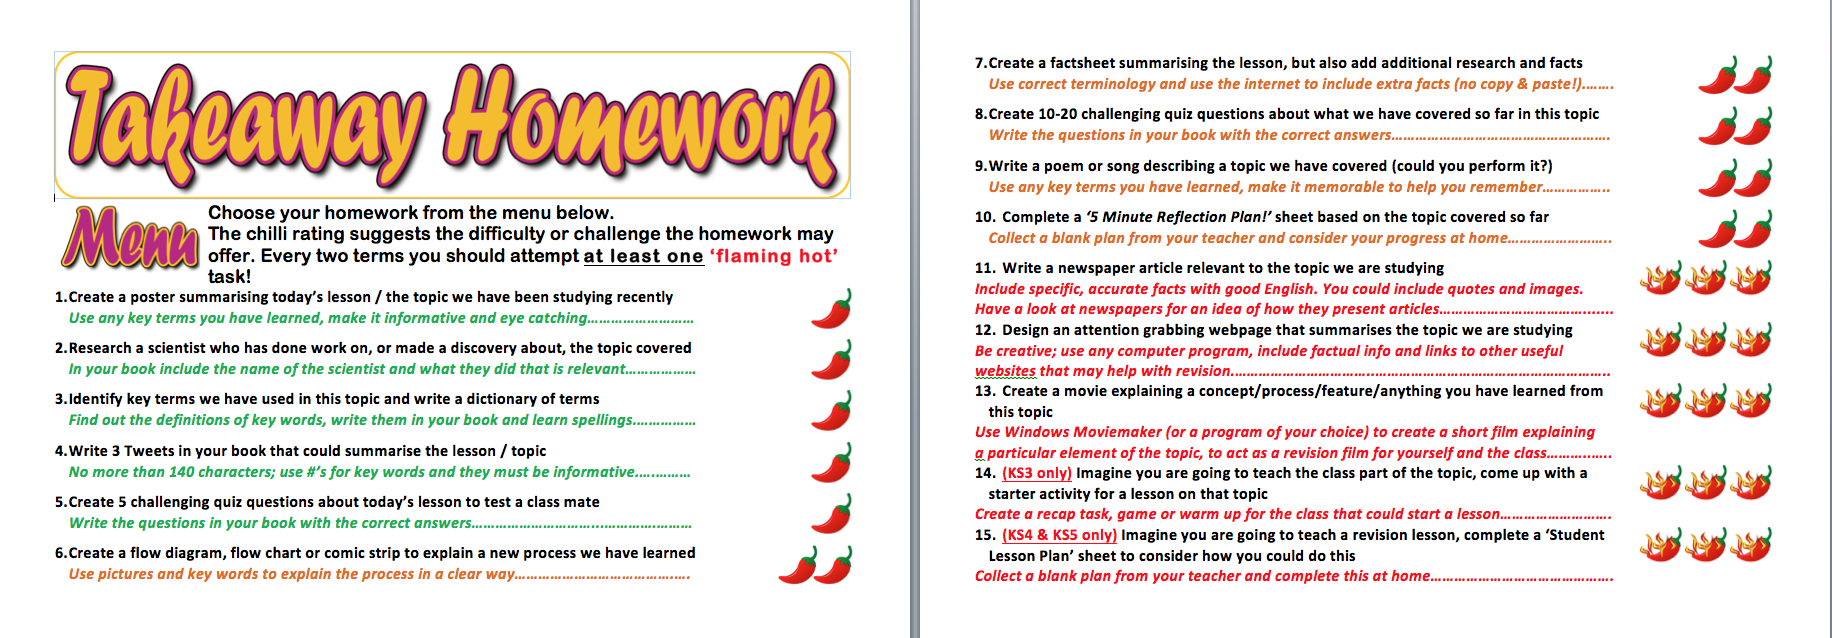 Year 6 homework tasks